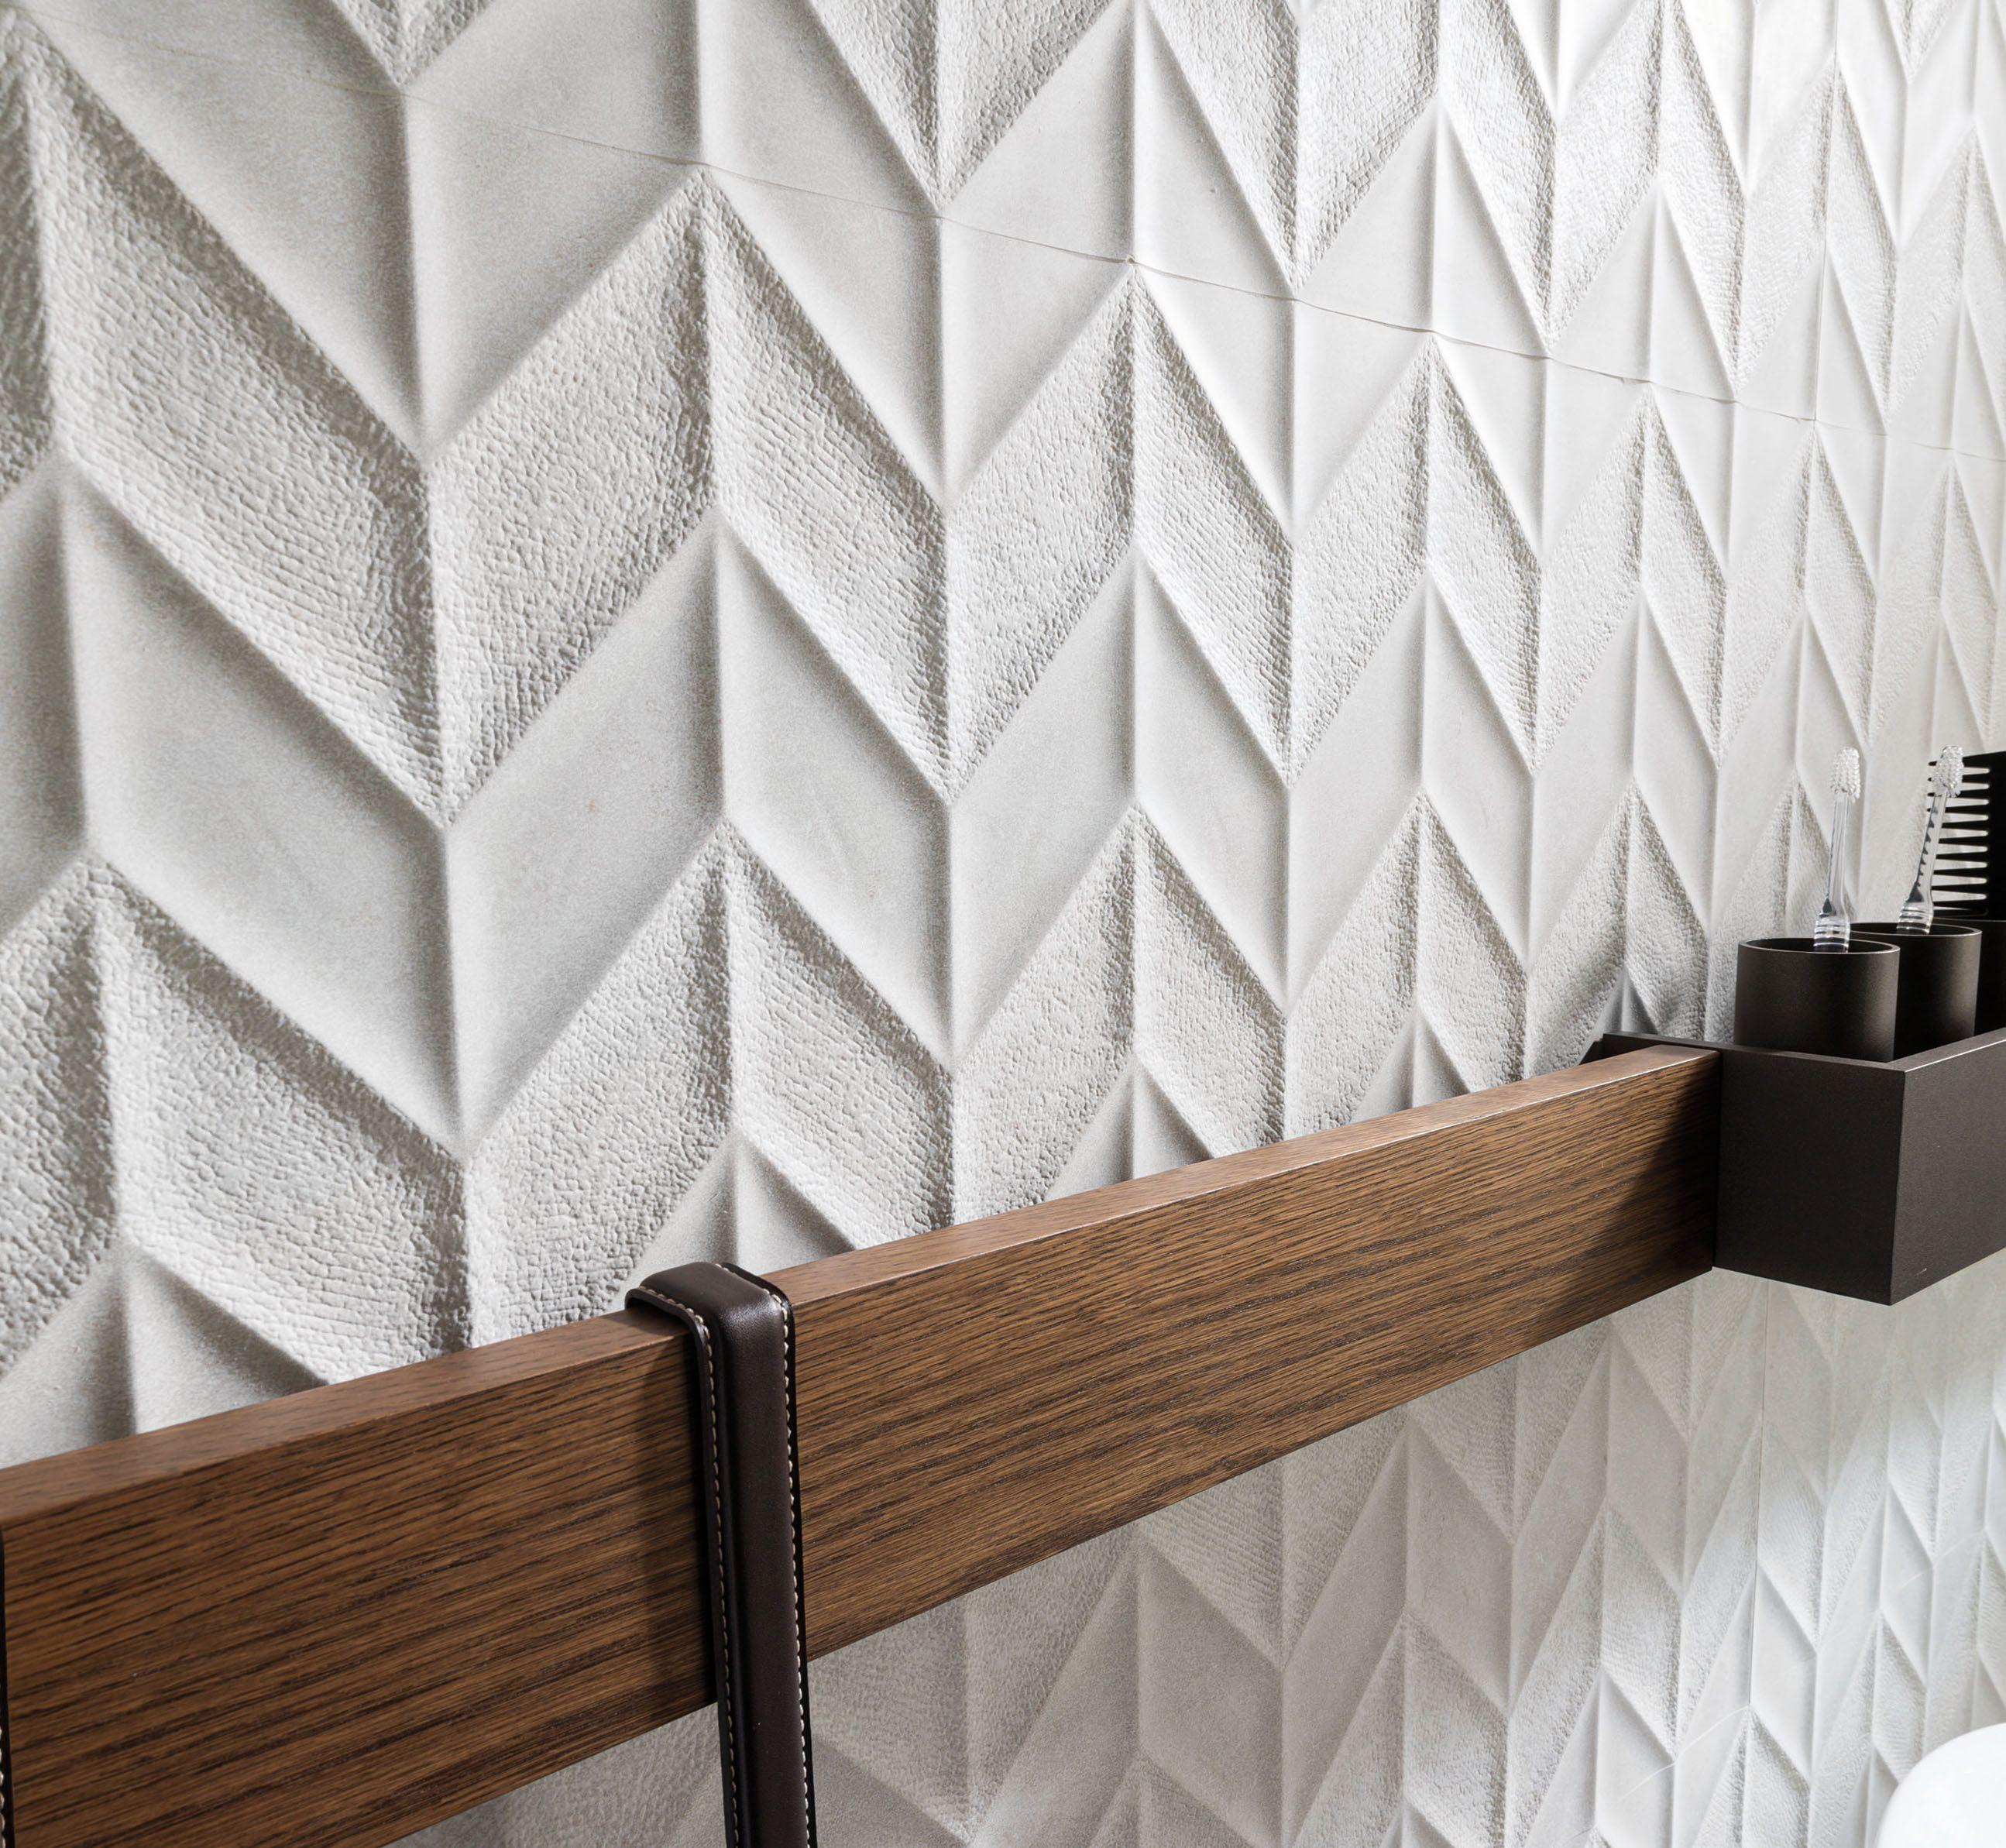 Porcelanosa DOVER tiles by Tile Warehouse | Paredes | Cuarto